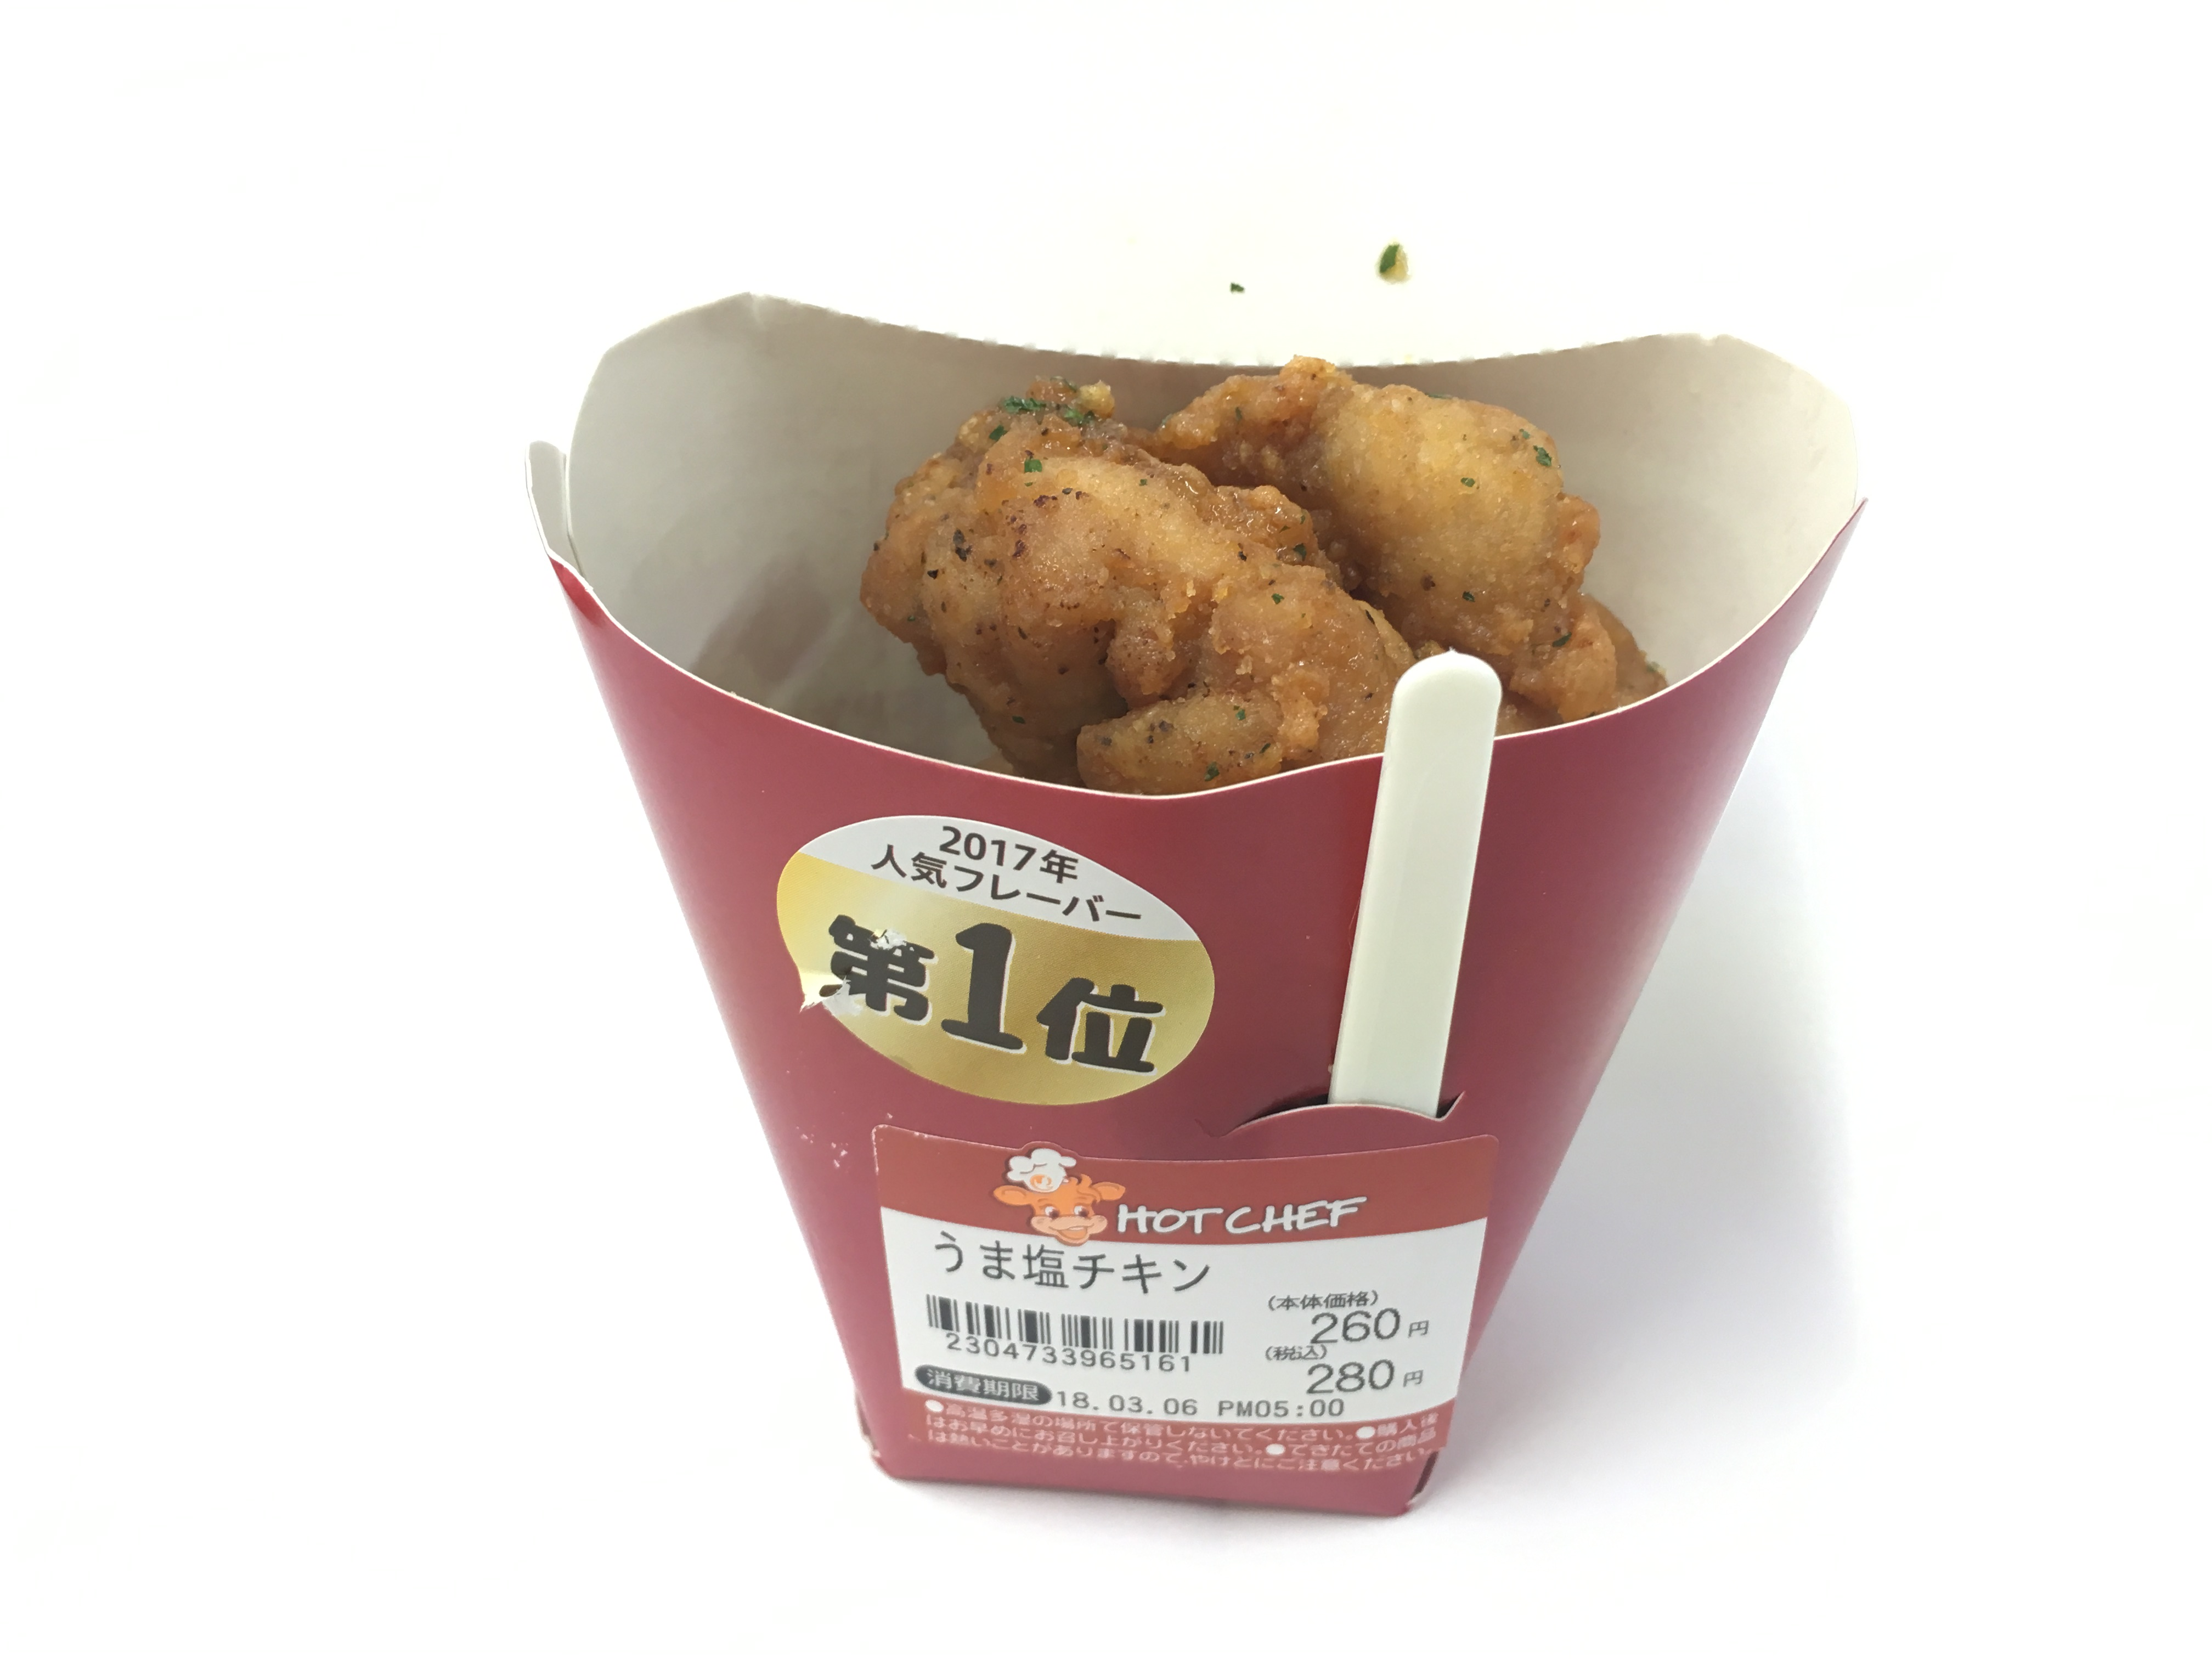 セコマ ホットシェフ【第1位 うま塩チキン】